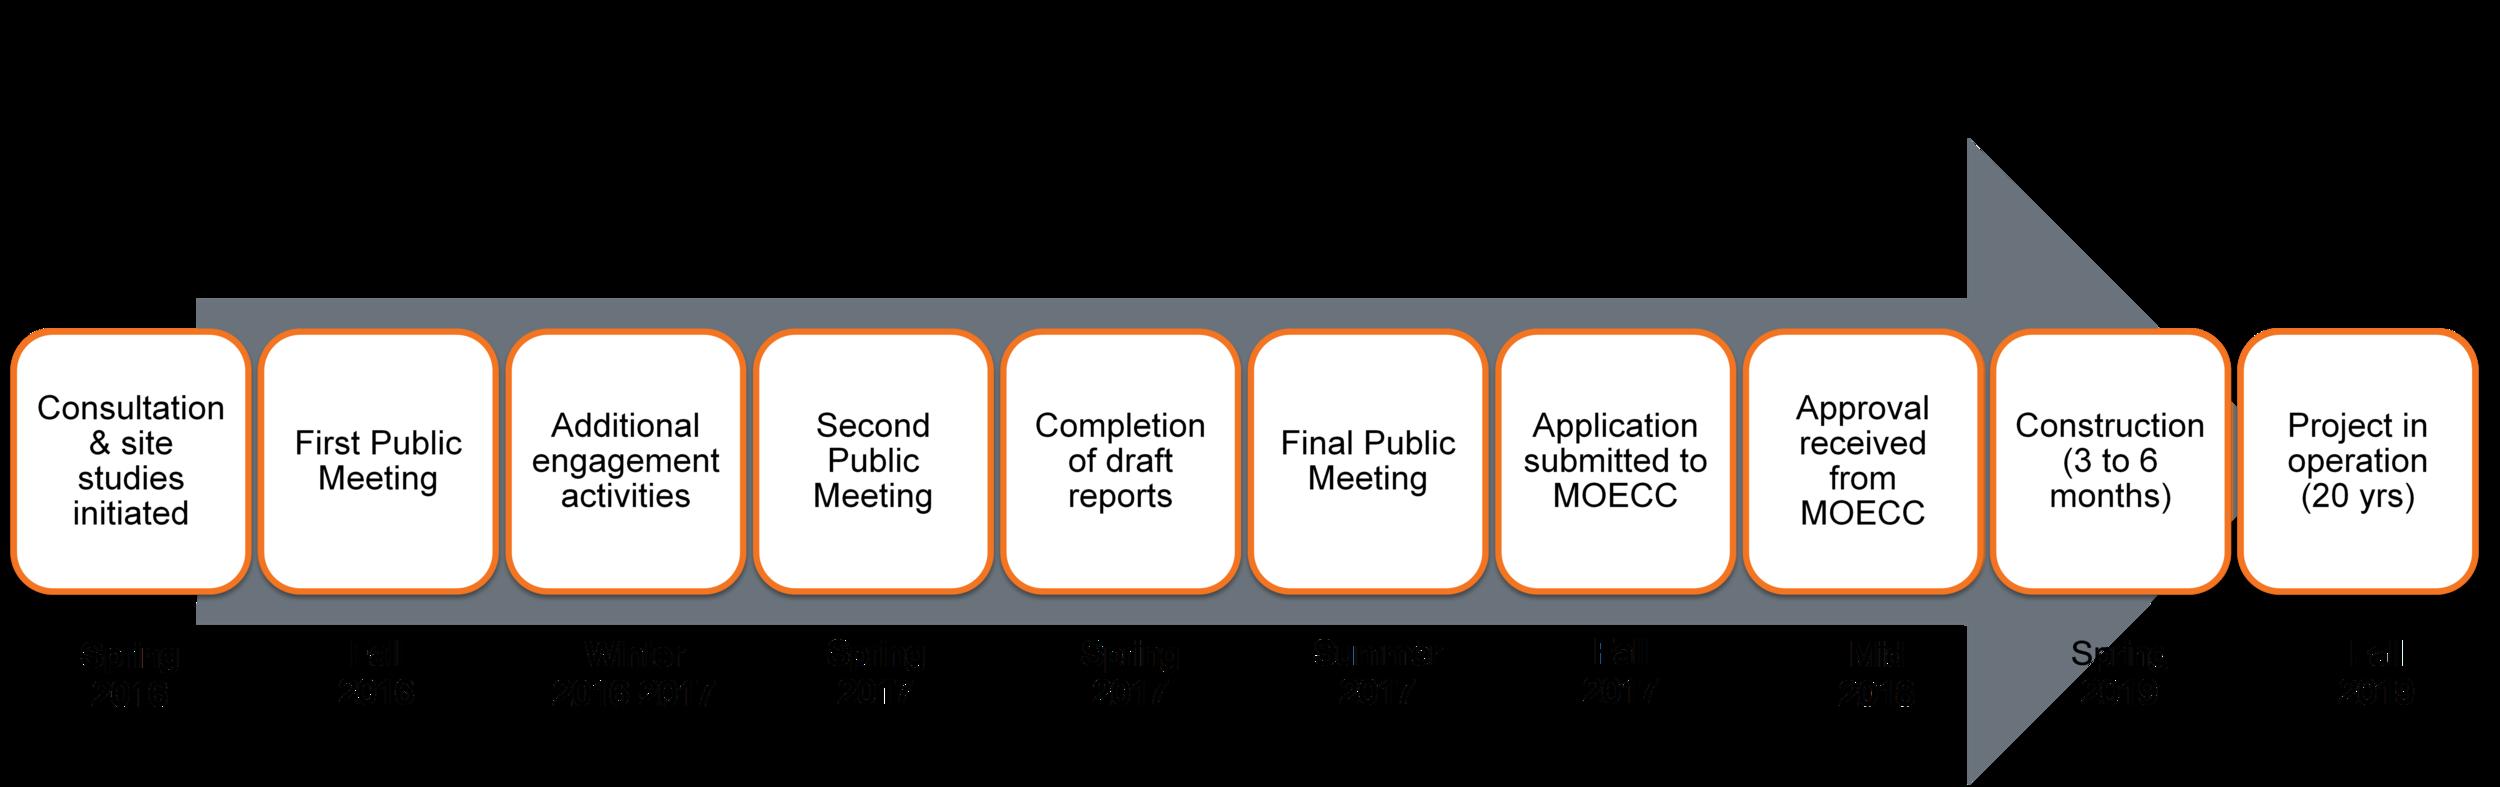 EF_Project Timeline_2018-04-13_EN.docx.png